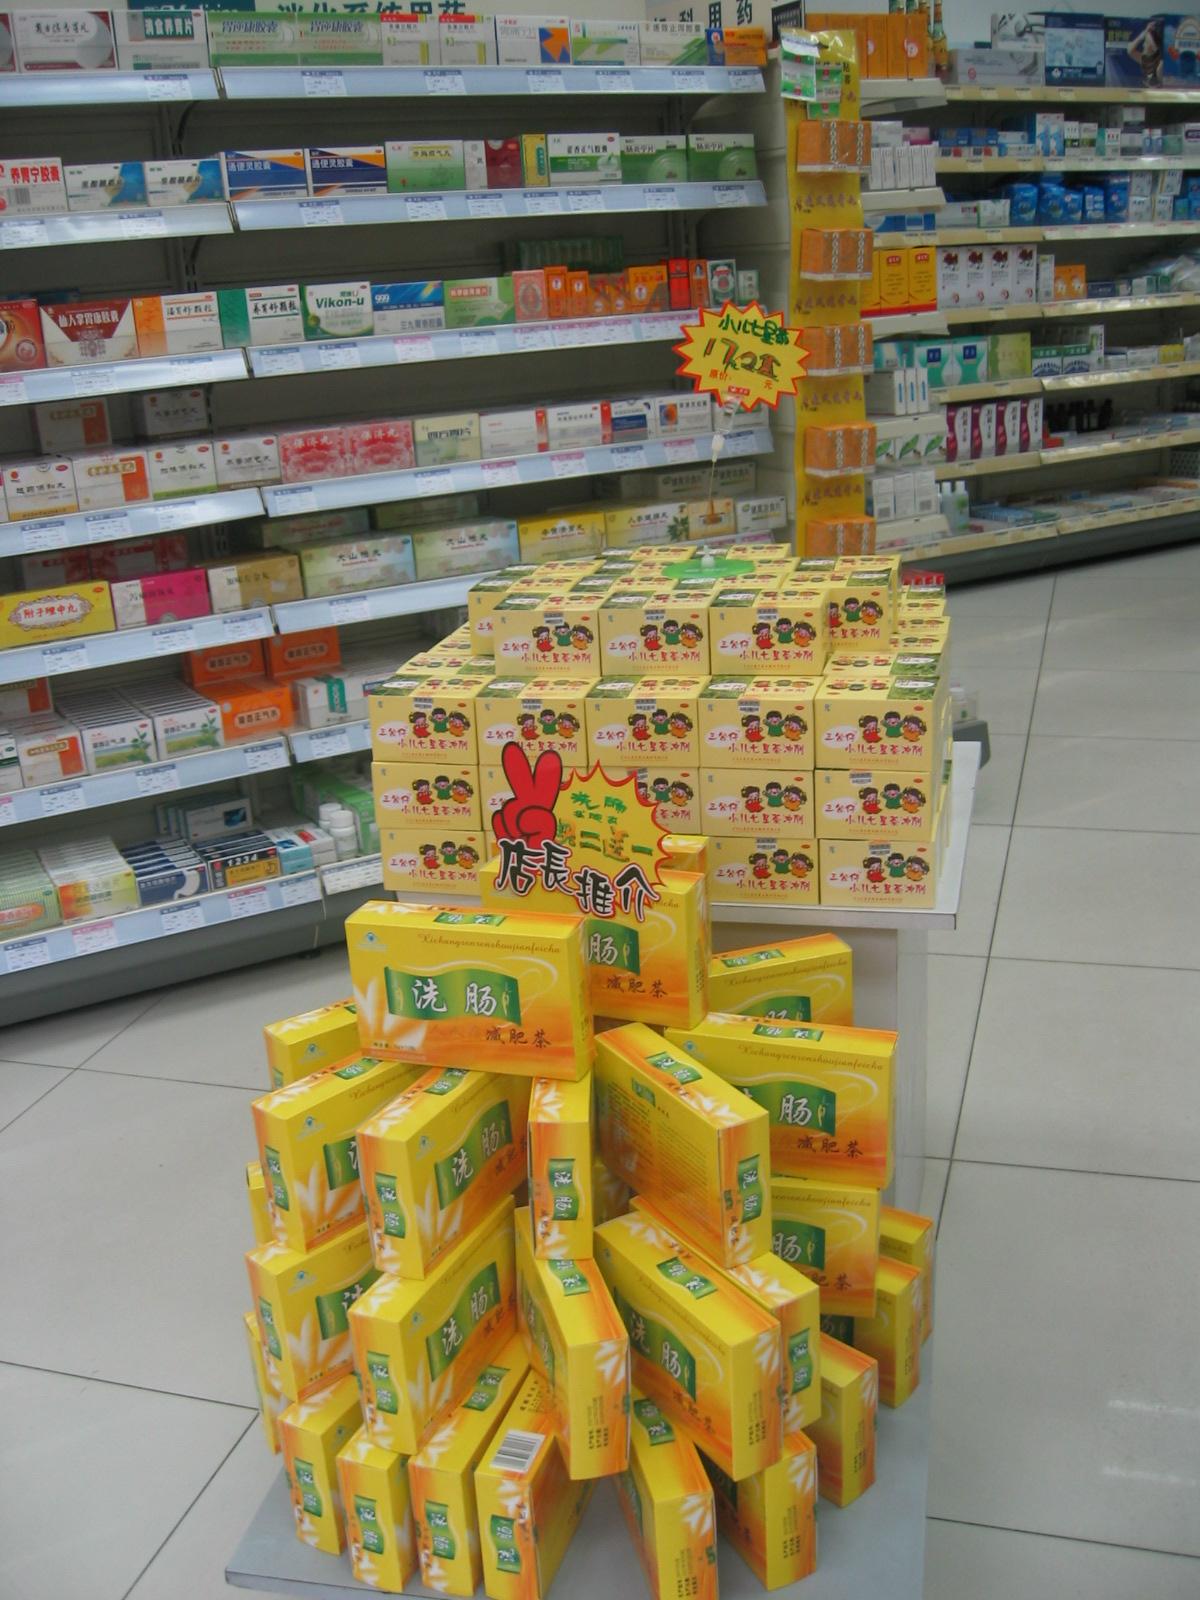 药店空盒简单陈列造型 图片_药店空盒造型陈列图片 脑白金空盒陈列图片